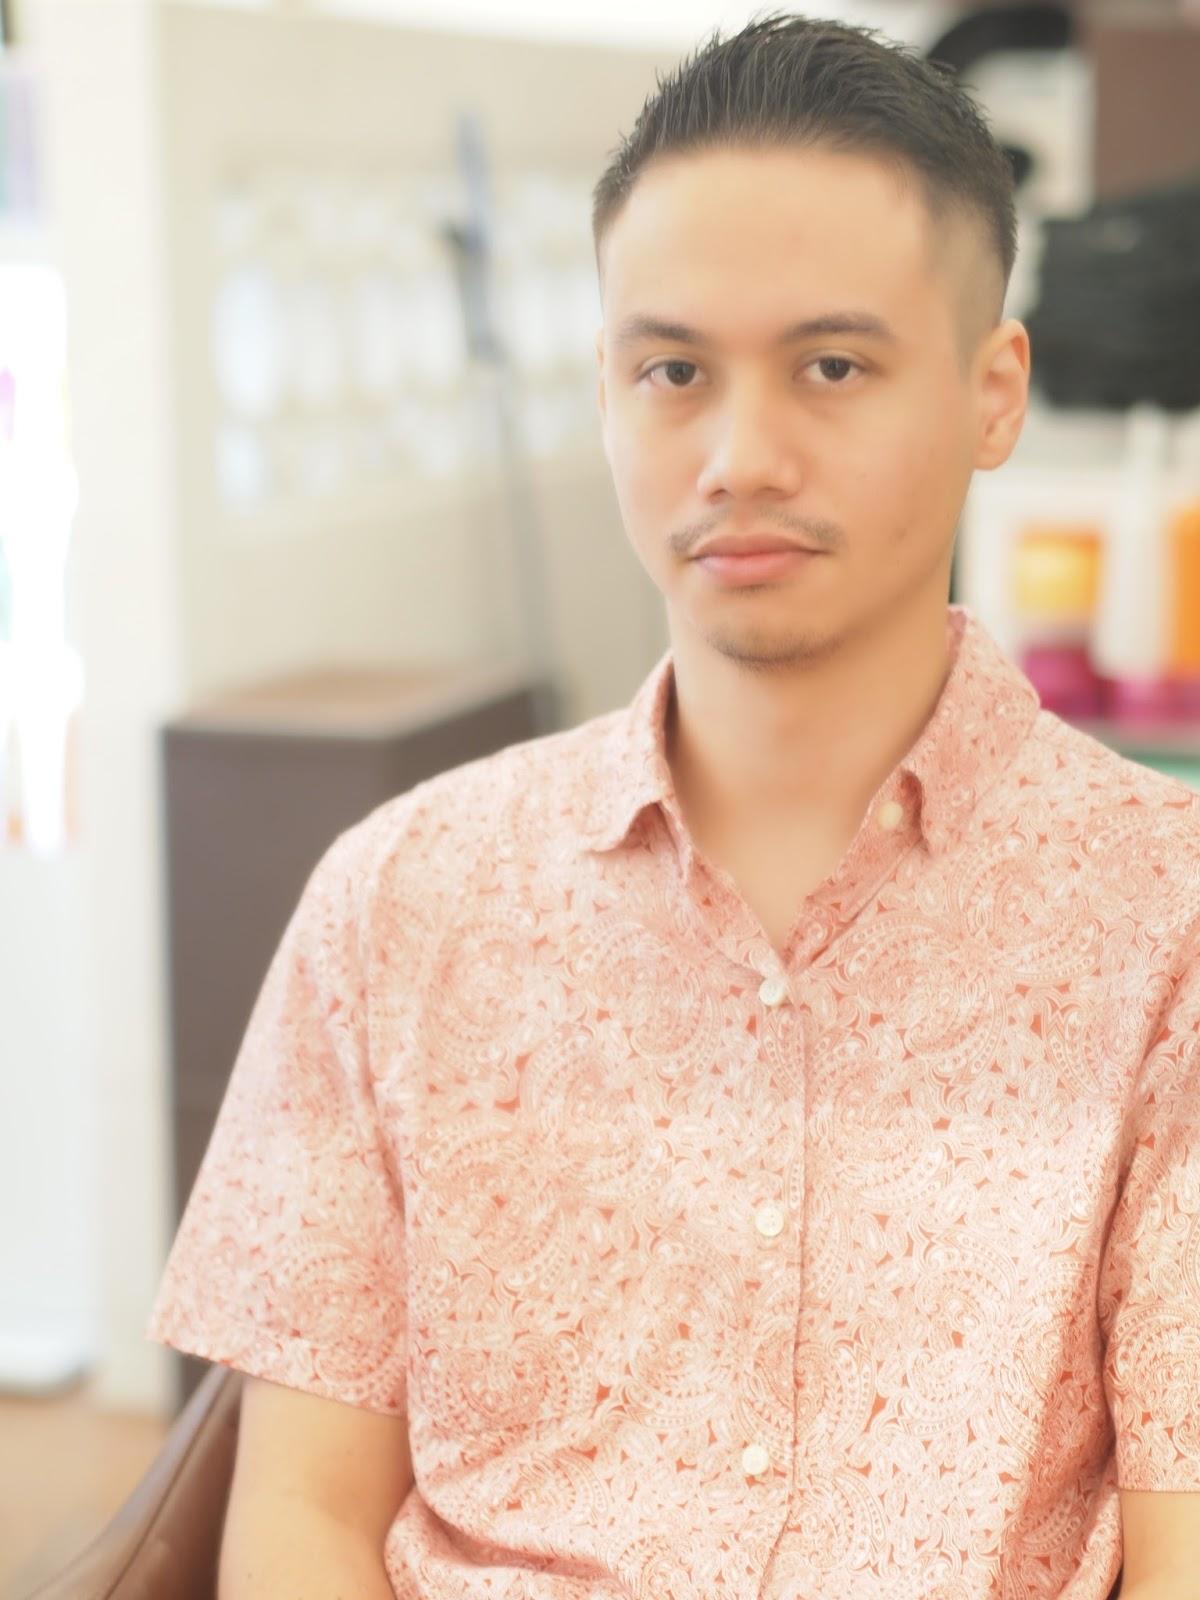 【メンズ】おしゃれ男子ベリーショート・ショートカット髪型サンプルまとめ